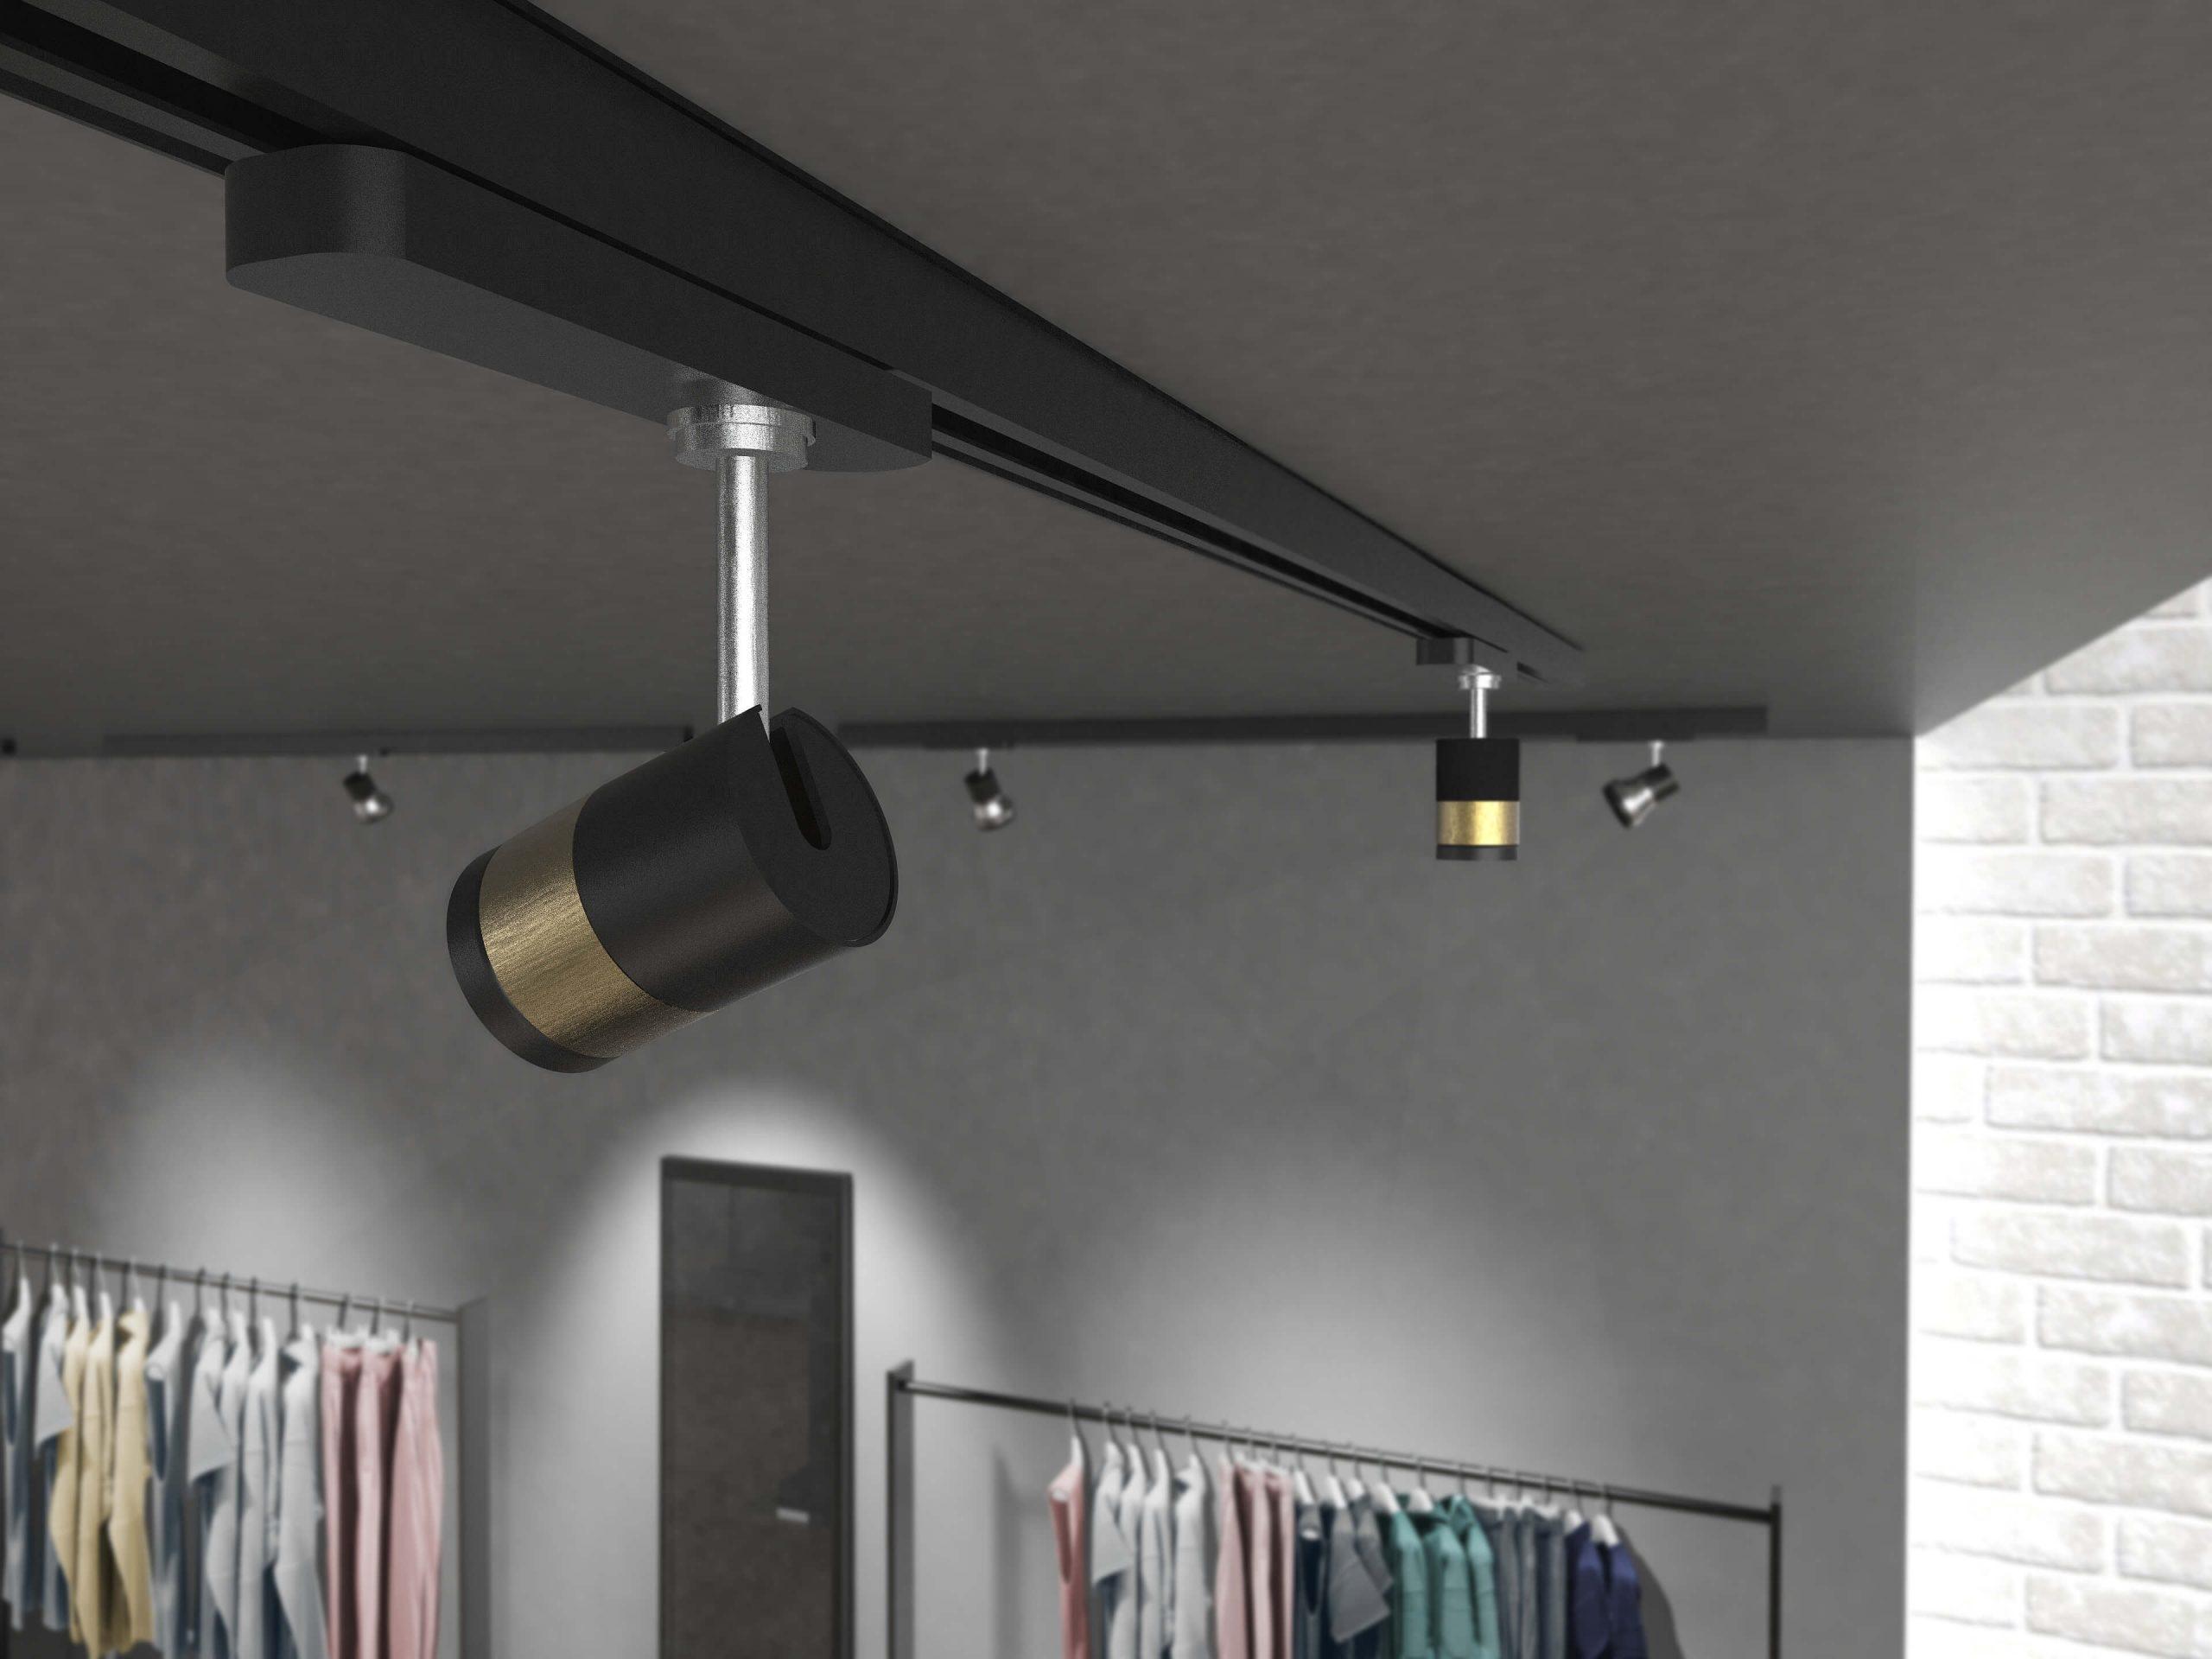 Detalle de instalación del mini proyector LED de alta reproducción cromática CRI 95, RITMO de Lledó.